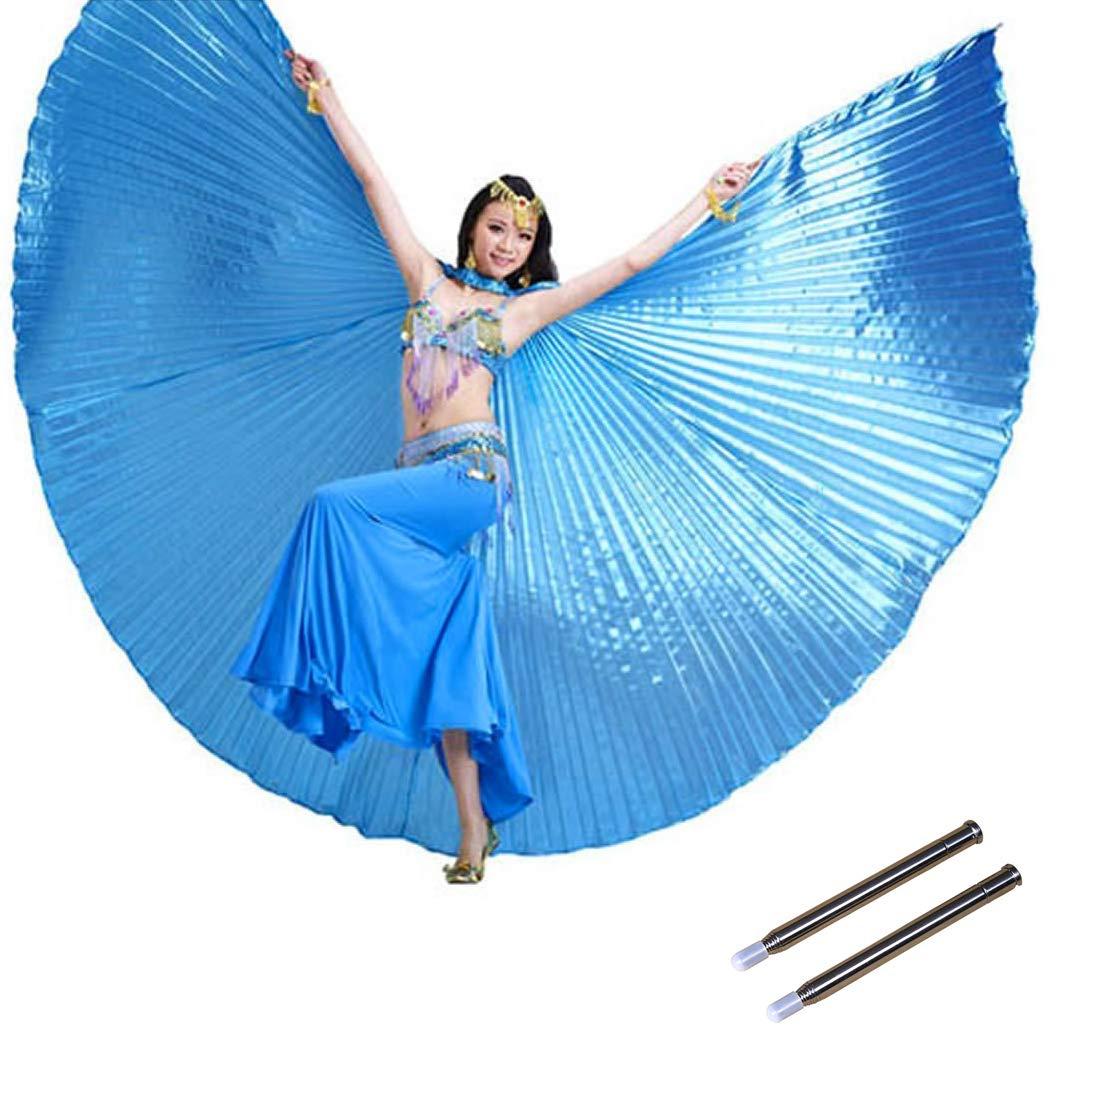 Calcifer - Alas de á ngel Egipcio para Danza del Vientre con 2 Palos telescó picos (Color Azul Cielo)